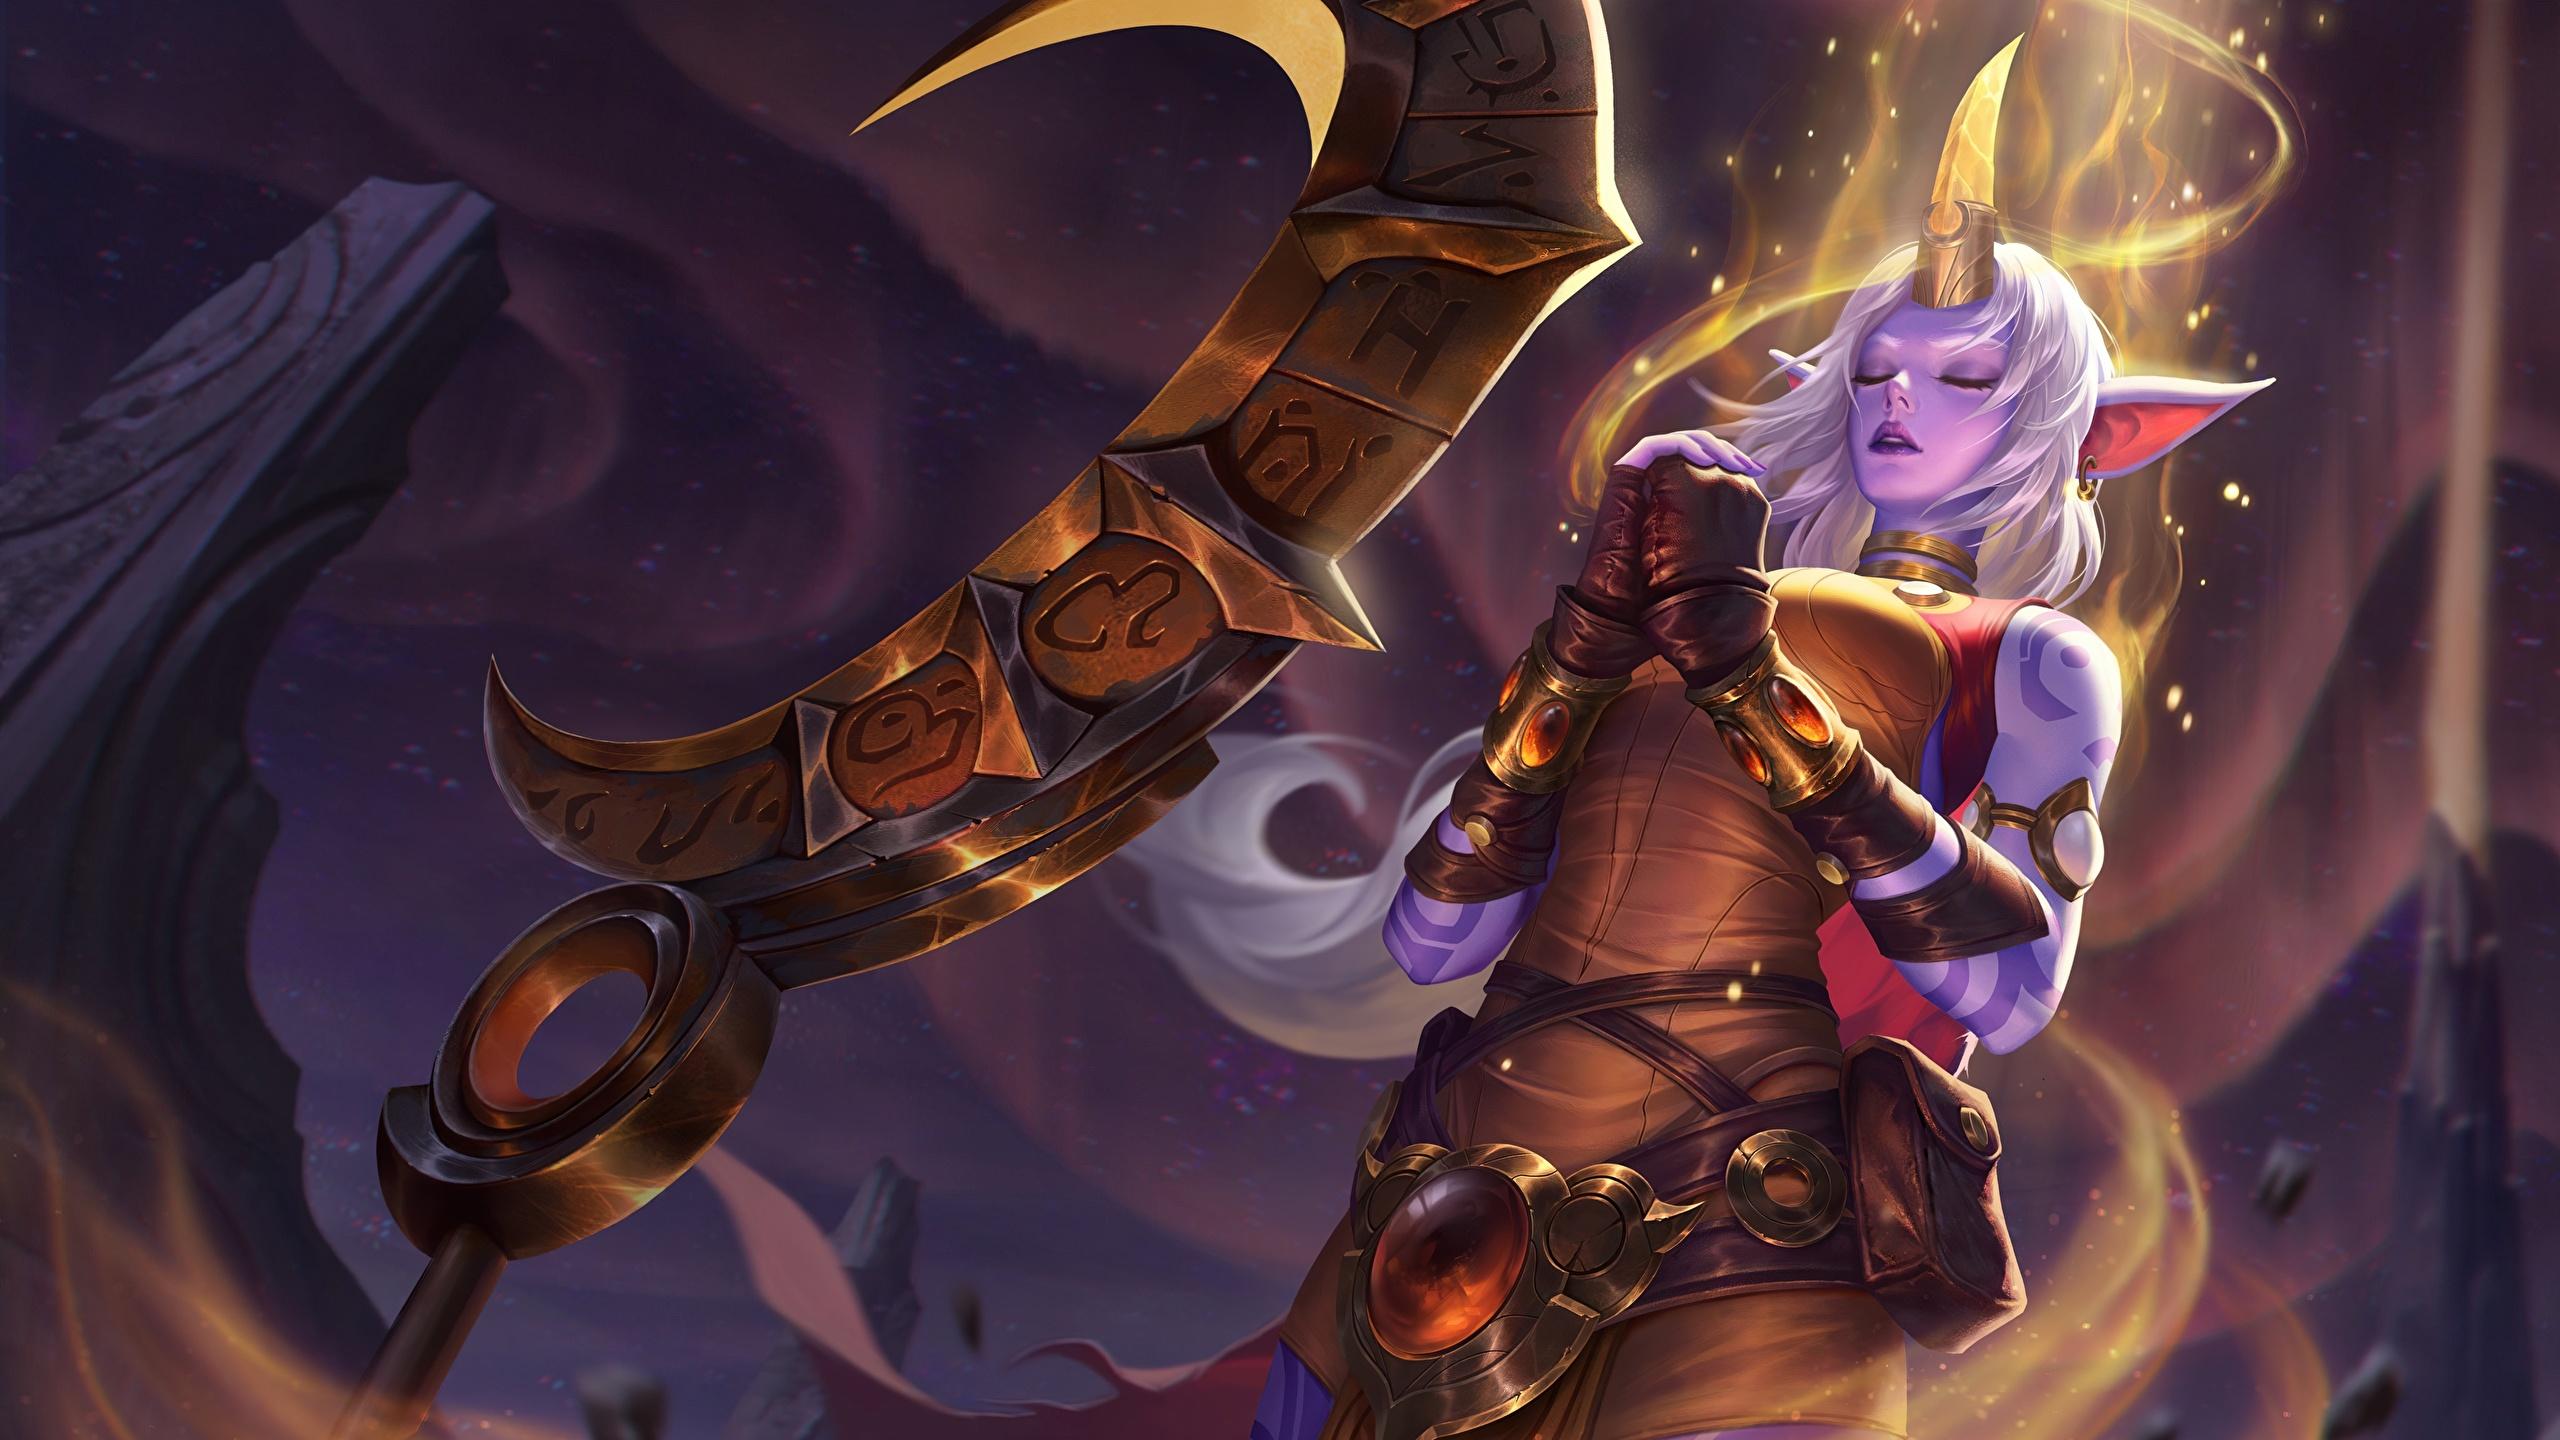 Картинки LOL Soraka Фэнтези Девушки Игры 2560x1440 League of Legends девушка Фантастика молодая женщина молодые женщины компьютерная игра